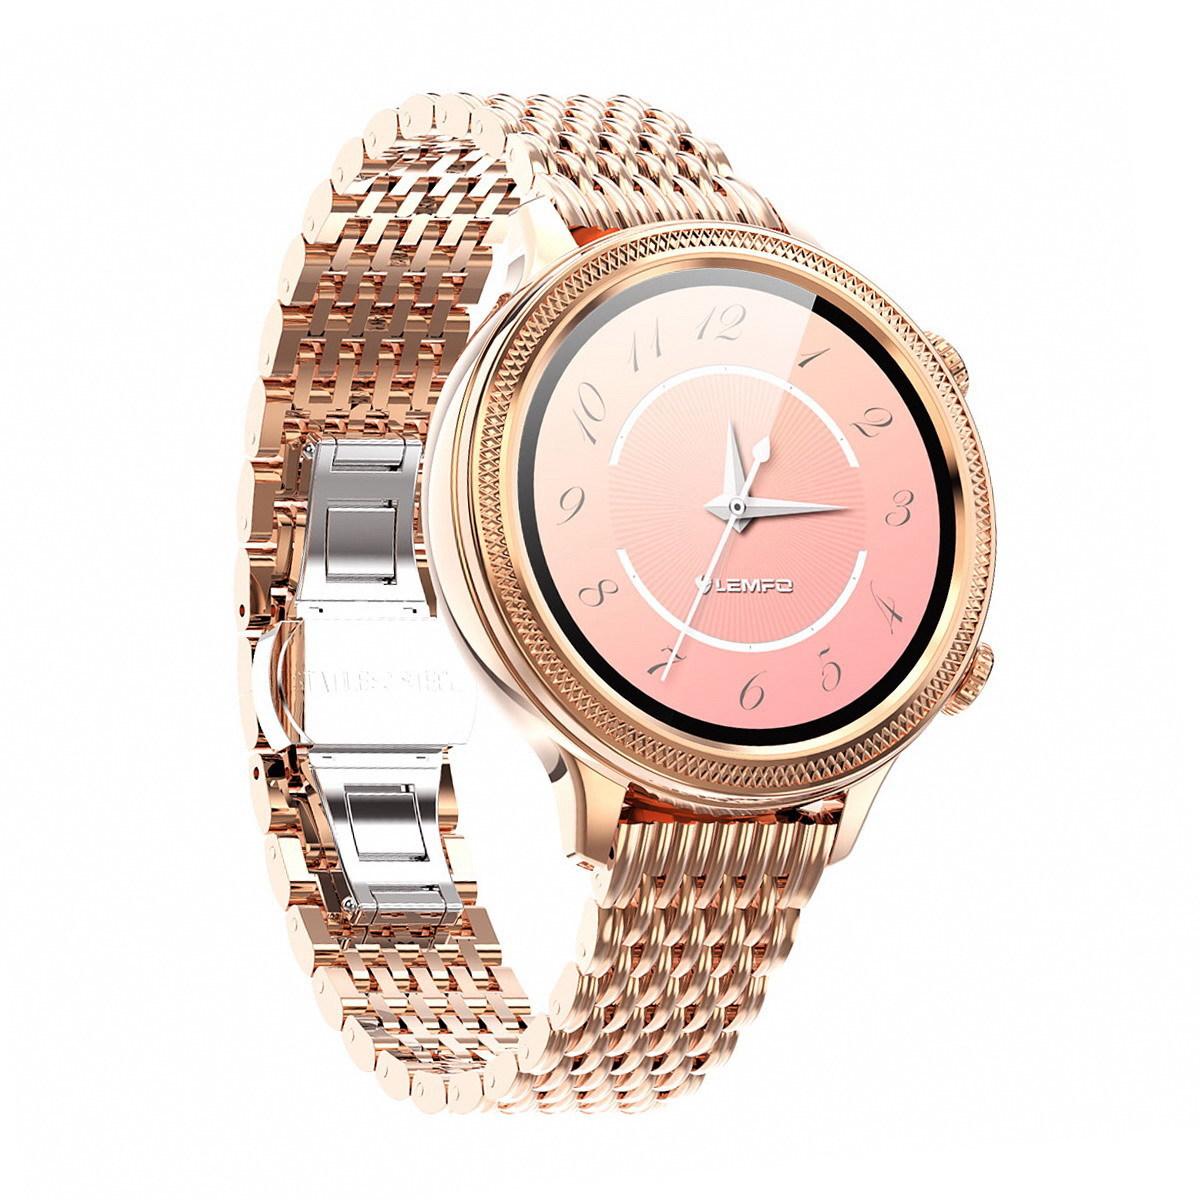 Каталог Смарт часы женские Lemfo LT06 смарт_часы_lemfo_LT06_11__8_.jpg